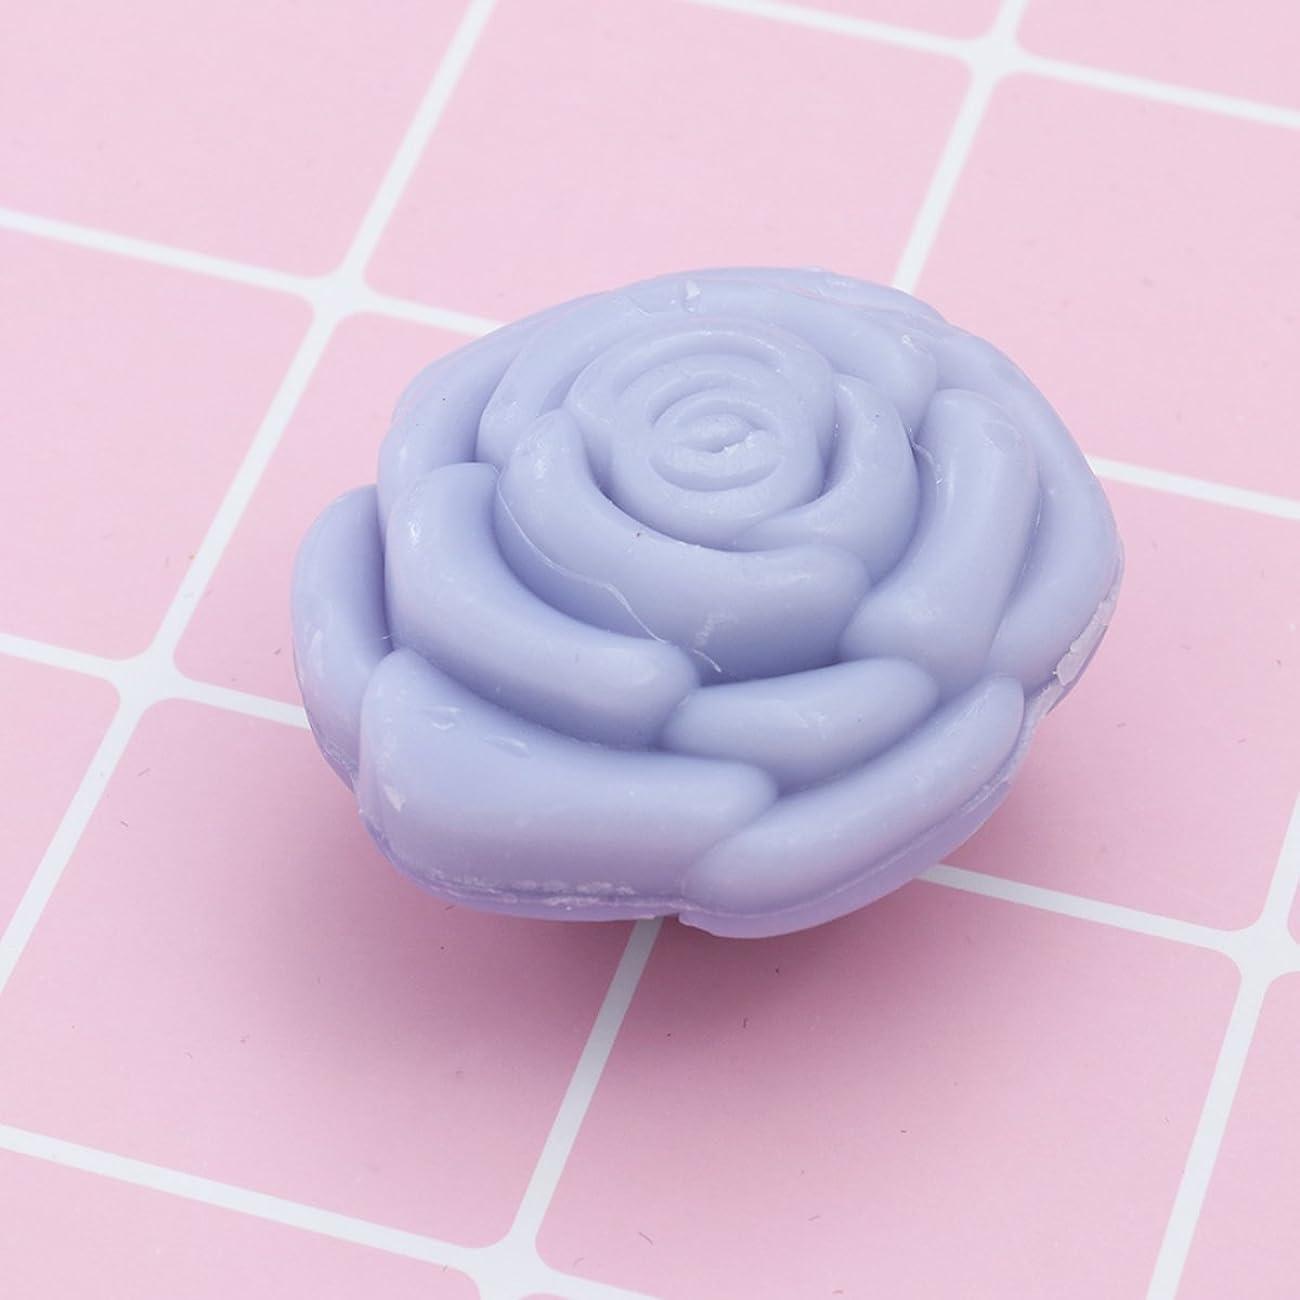 生まれ曲がった印刷するAmosfun 手作り石鹸オイルローズフラワーソープアロマエッセンシャルオイルギフト記念日誕生日結婚式バレンタインデー(紫)20ピース